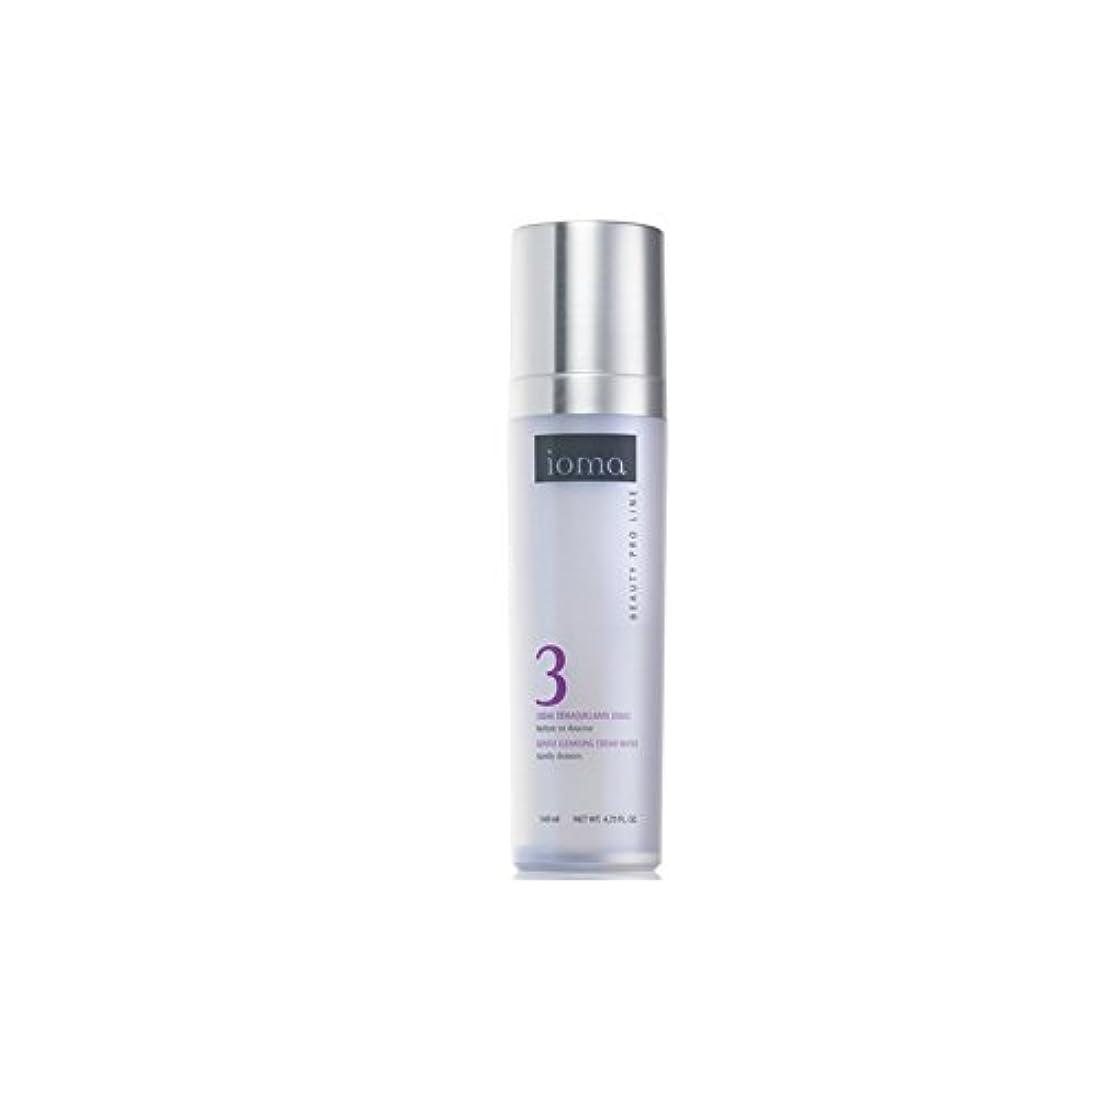 エアコン細断切り刻むIoma Gentle Cleansing Cream Water 140ml (Pack of 6) - ジェントルクレンジングクリーム水140ミリリットル x6 [並行輸入品]